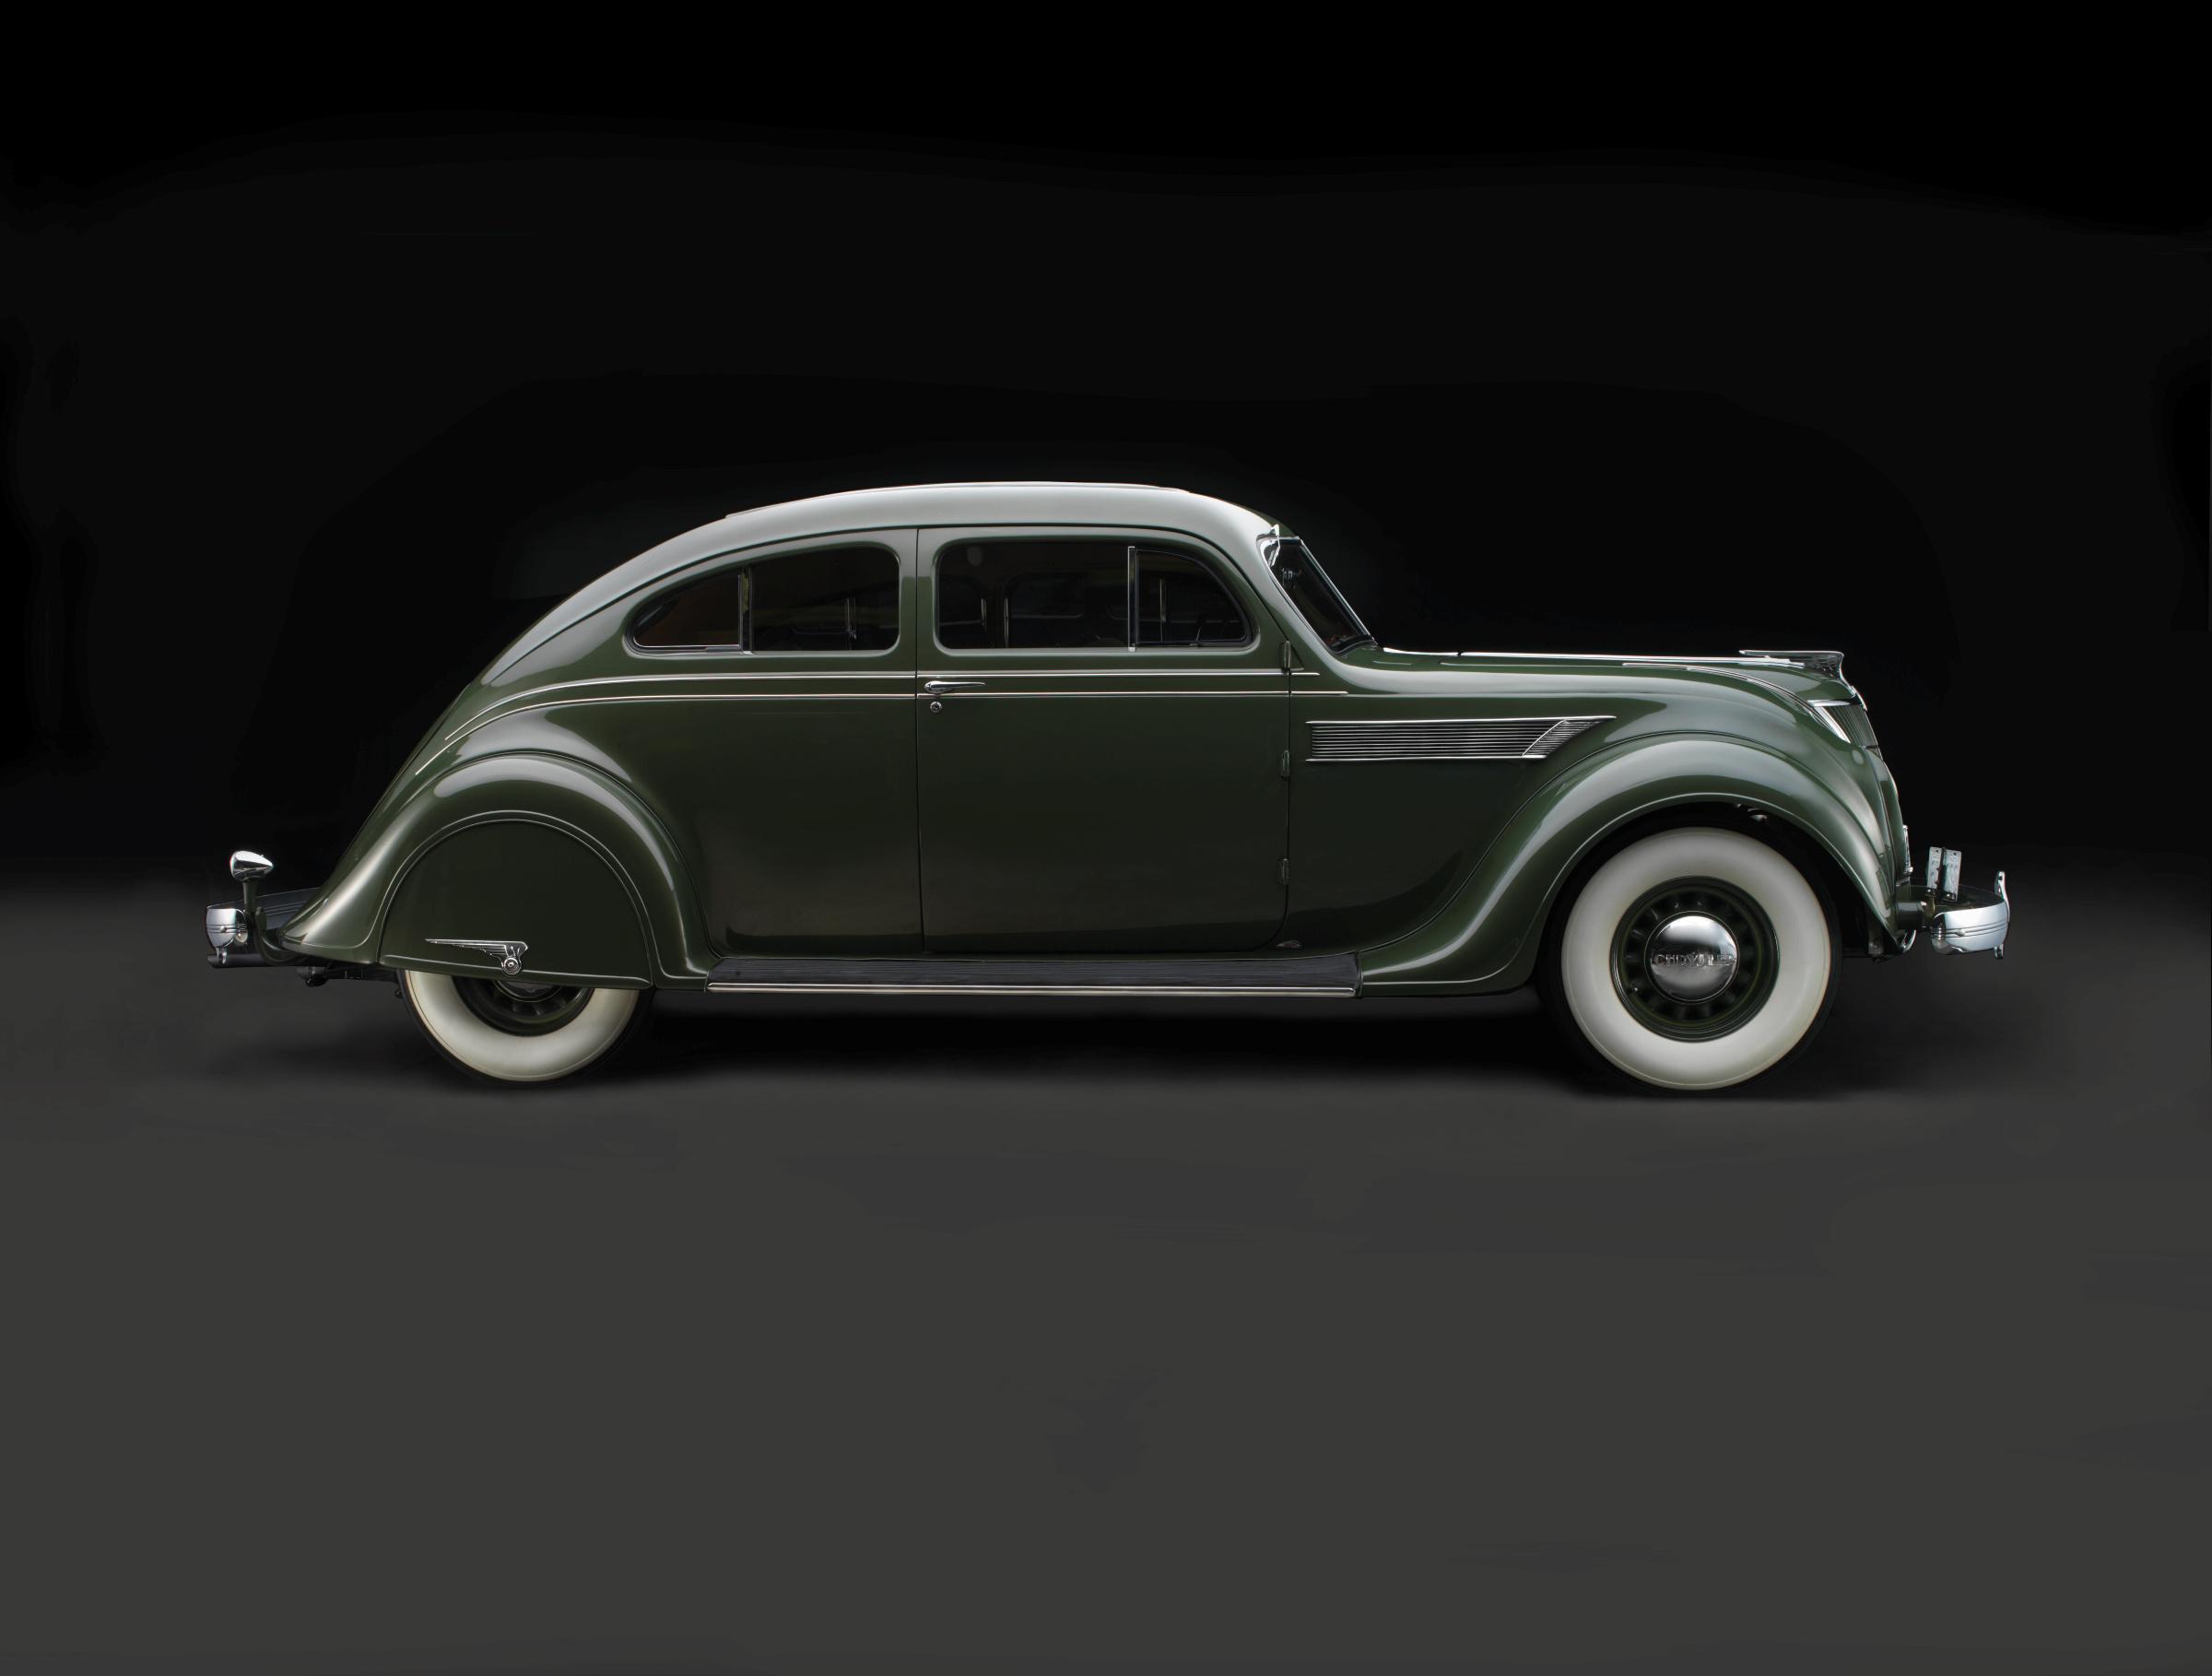 Groß Norman Bel Geddes Car Fotos - Die besten Einrichtungsideen ...